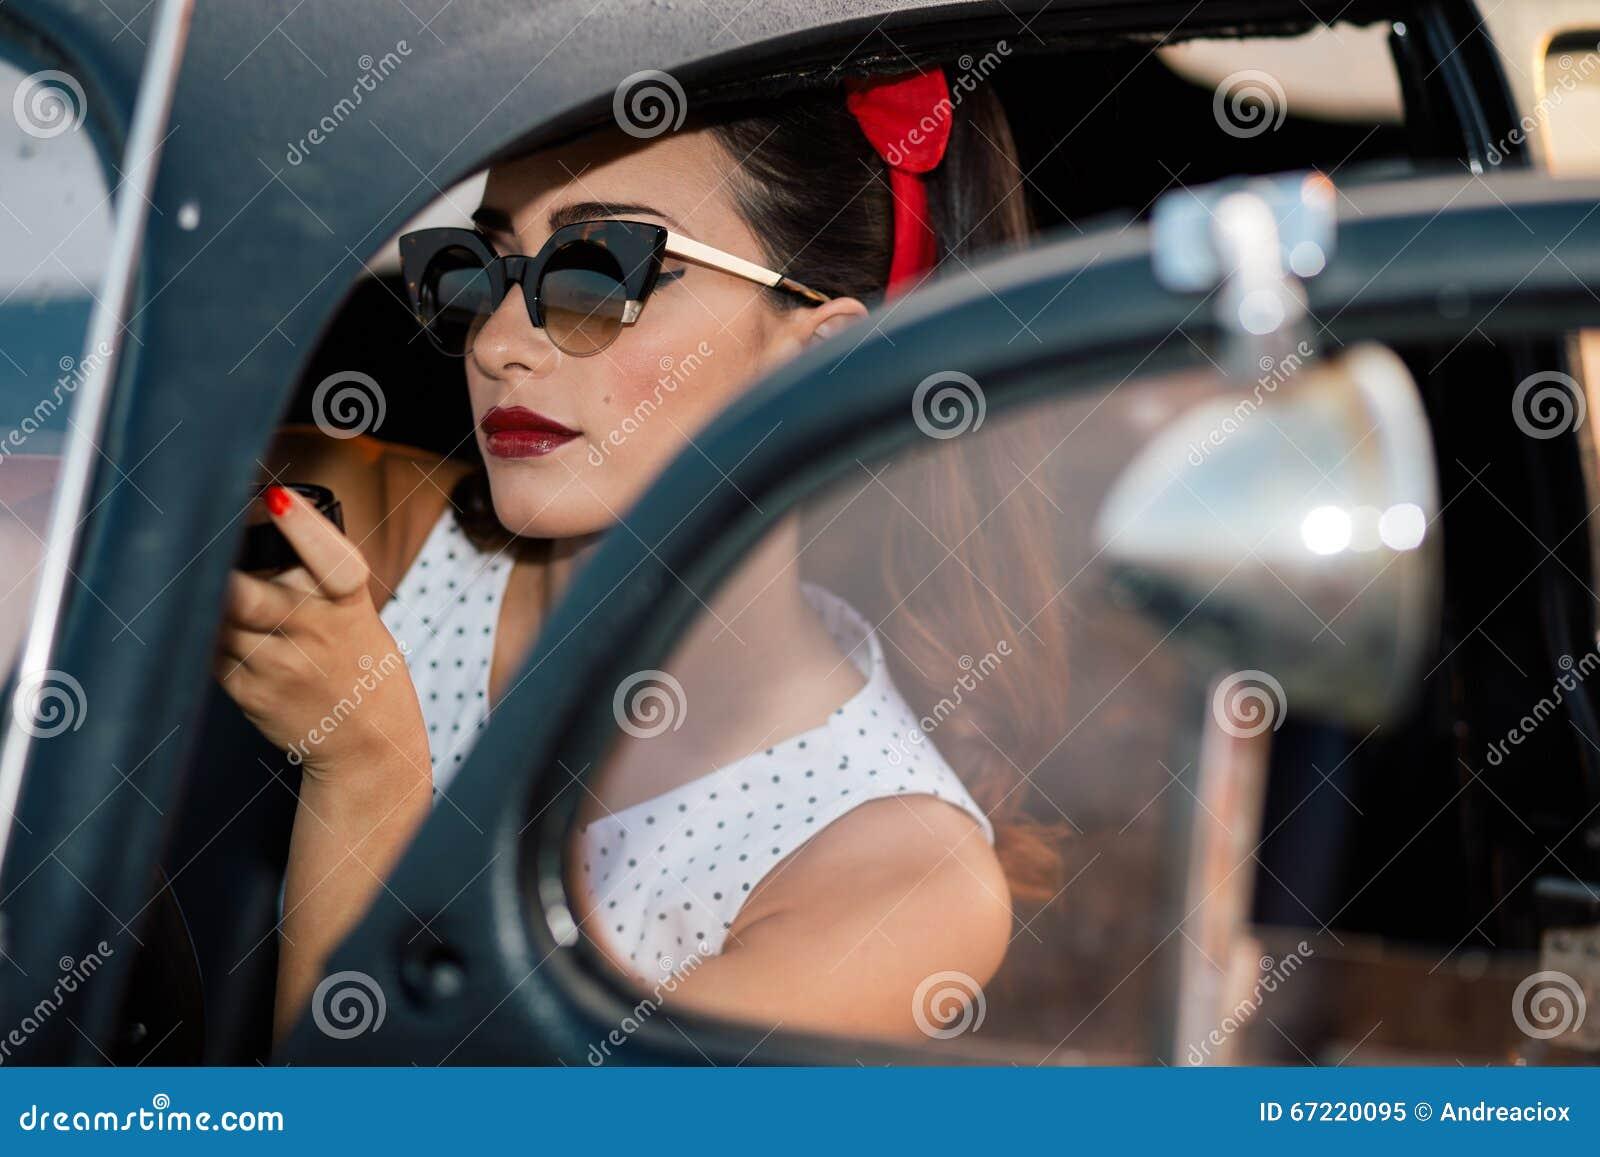 Beautiful Pin-up Girl Inside Vintage Car Putting Makeup ...